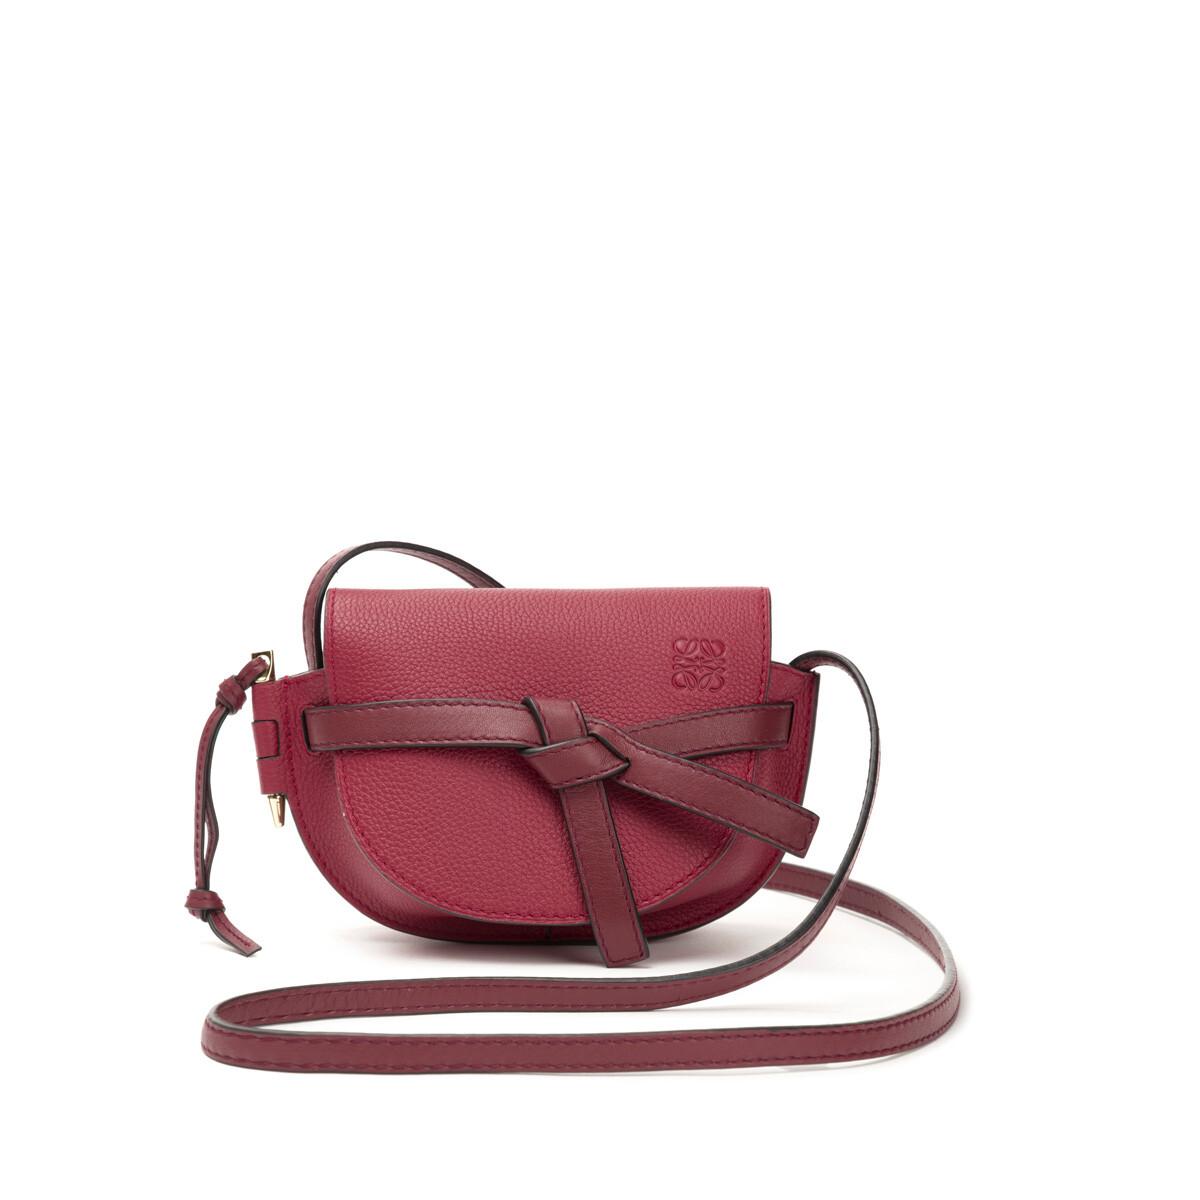 30代の女性にオススメのロエベのレディースバッグ